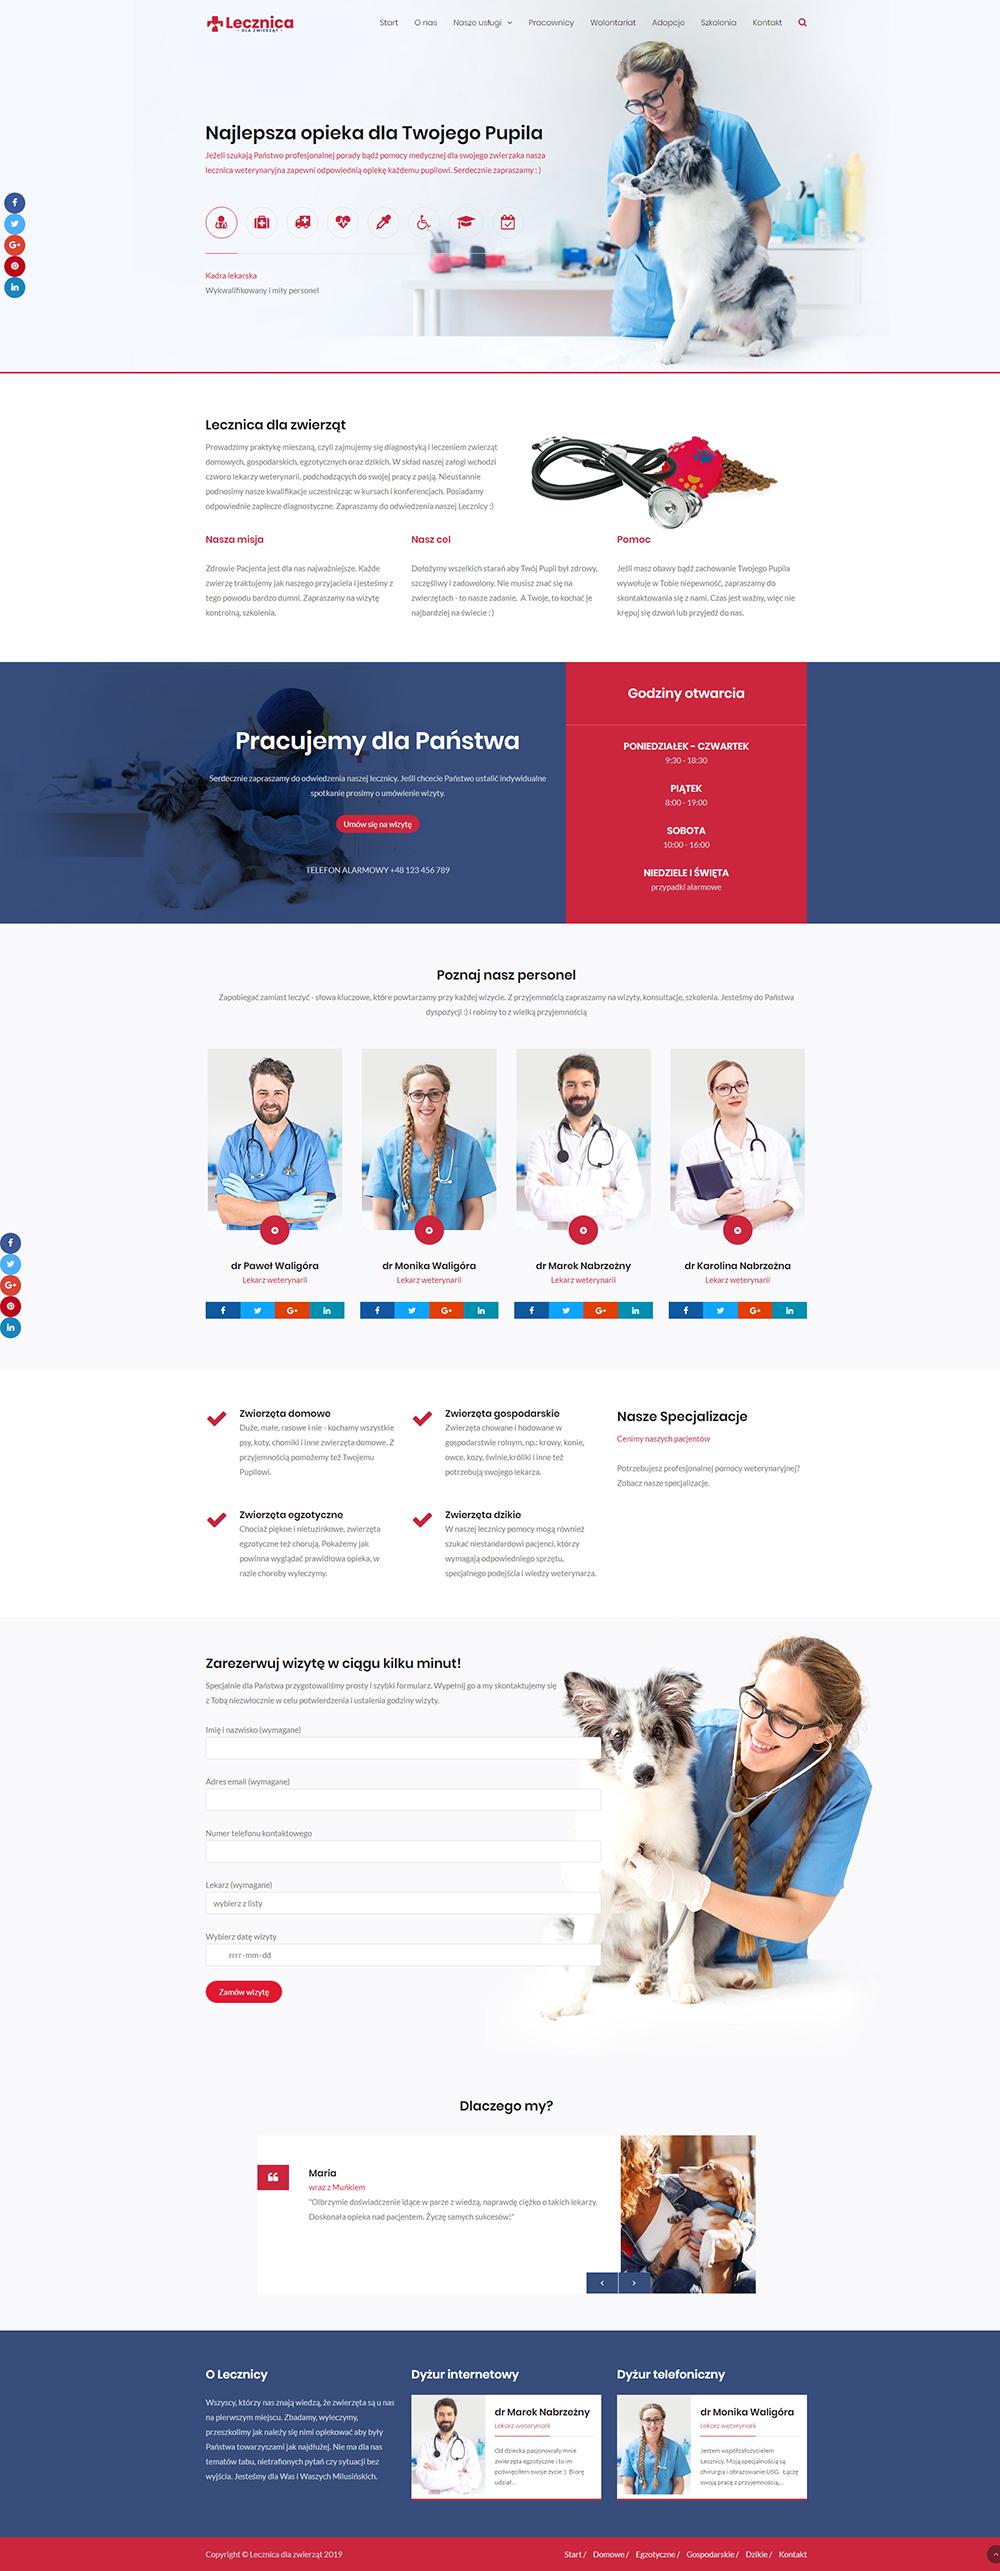 rostar - strony sklepy internetowe - lecznica